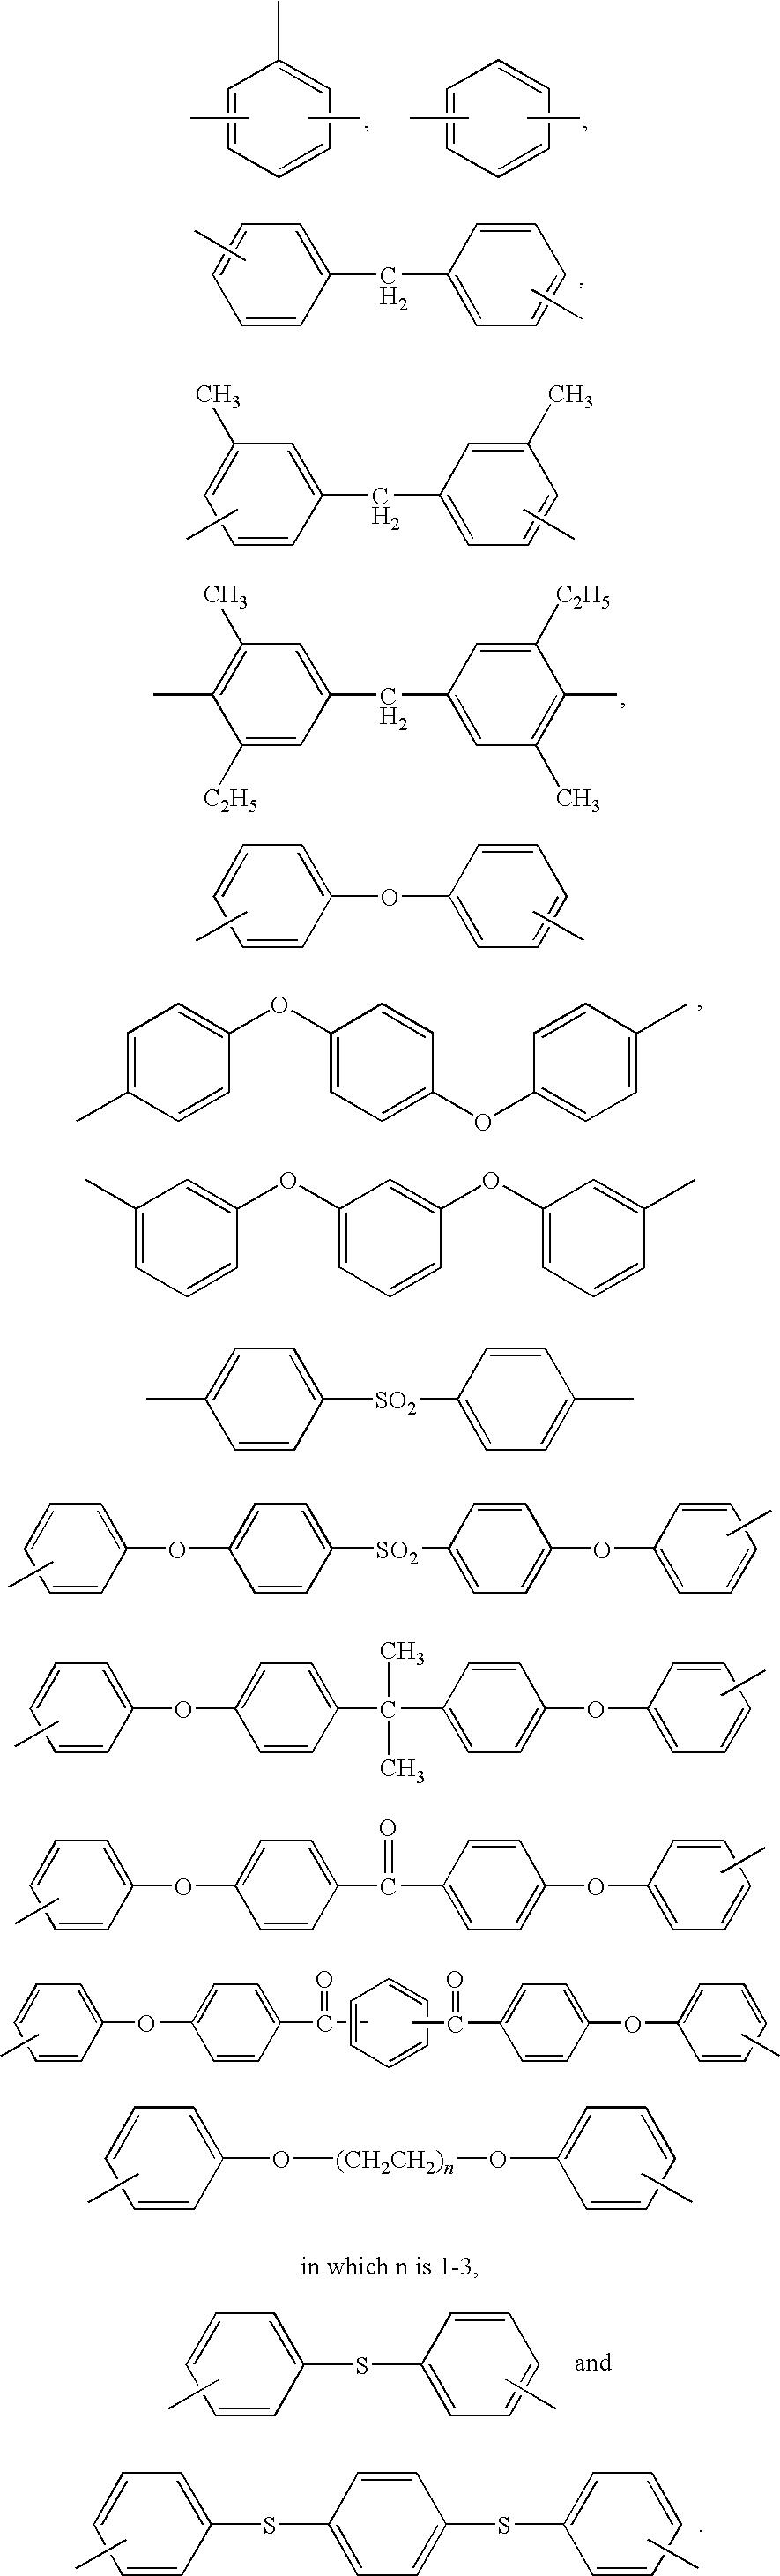 Figure US20100076120A1-20100325-C00009